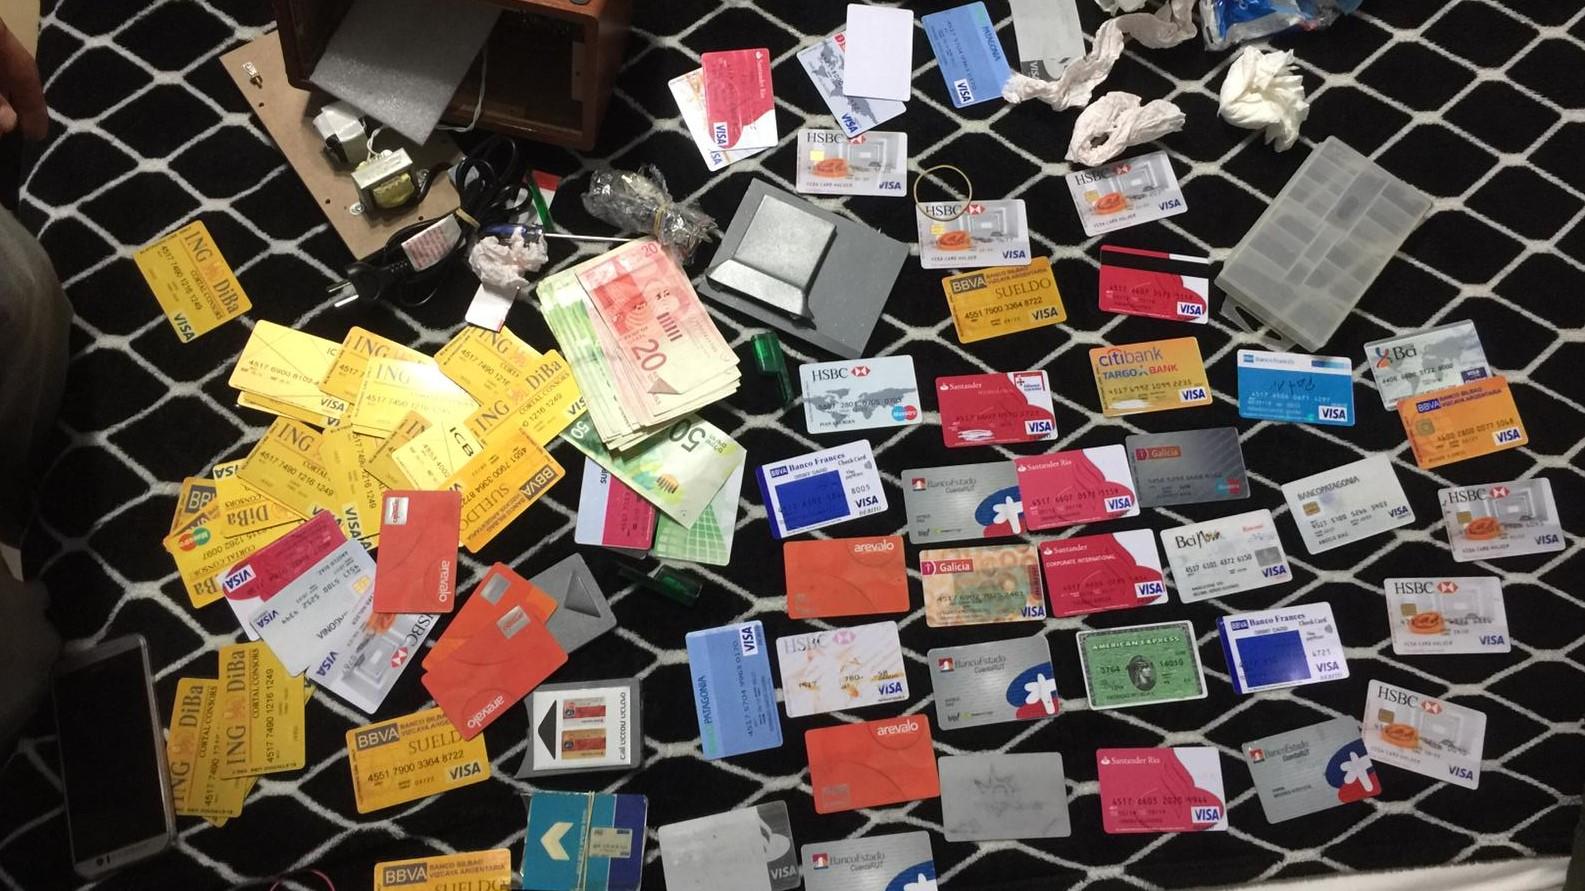 הגיע כדי לגנוב: 90 כרטיסי חיוב מזויפים ומכשיר זיוף אותרו בחדרו של תייר בולגרי, במלון בתל אביב